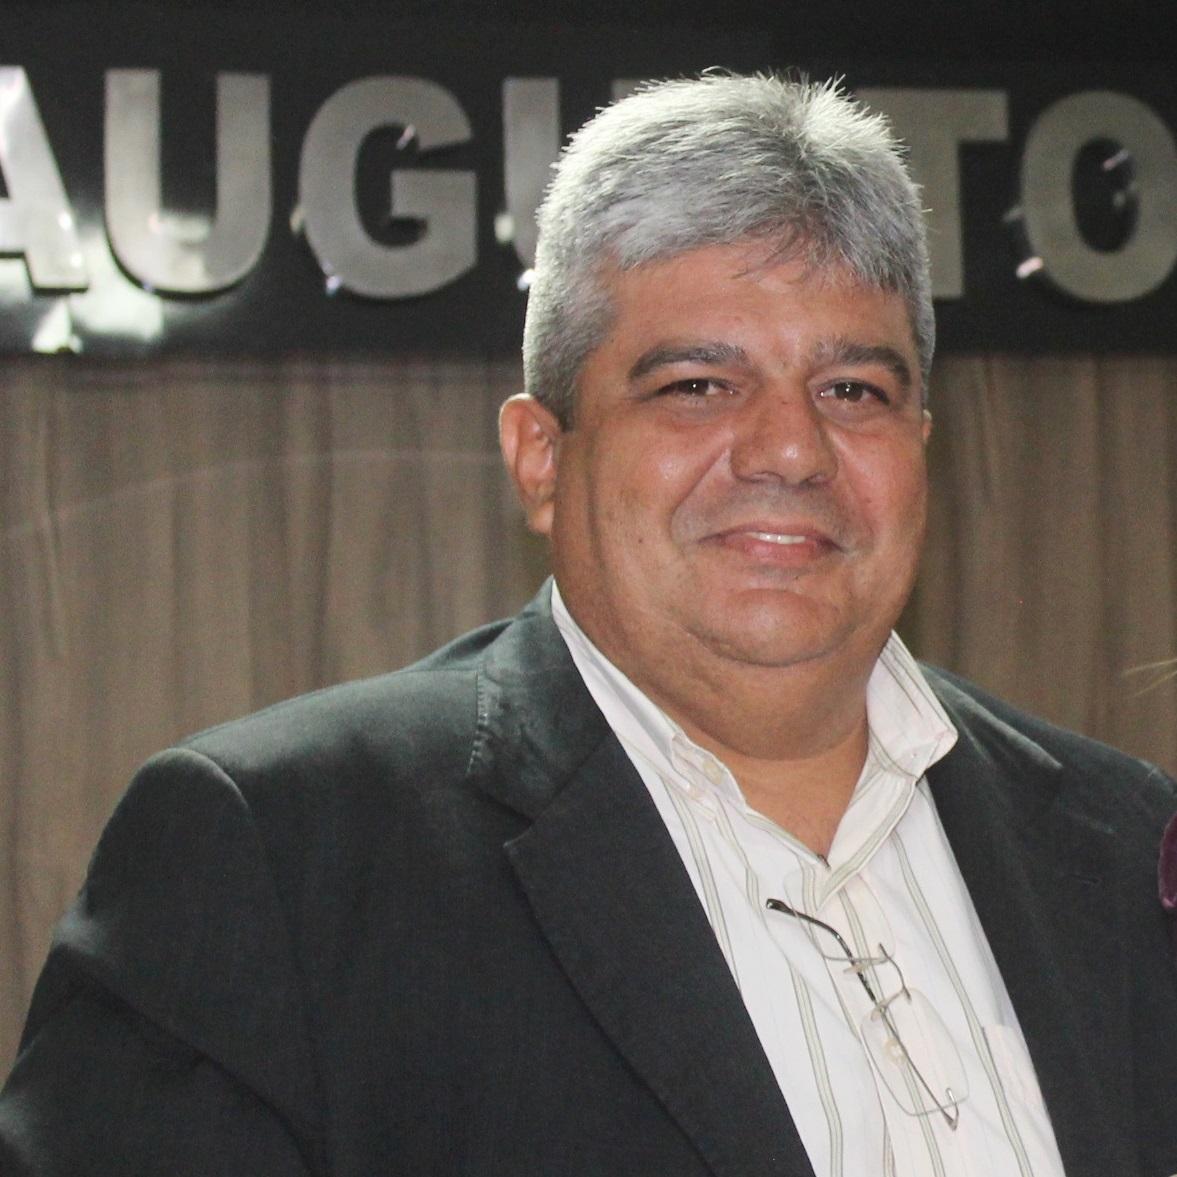 Vereador Willame Lopes solicita que prefeitura municipal disponibilize  sinal de Wi-Fi nas praças de Jucurutu - Blog do Danilo Evaristo